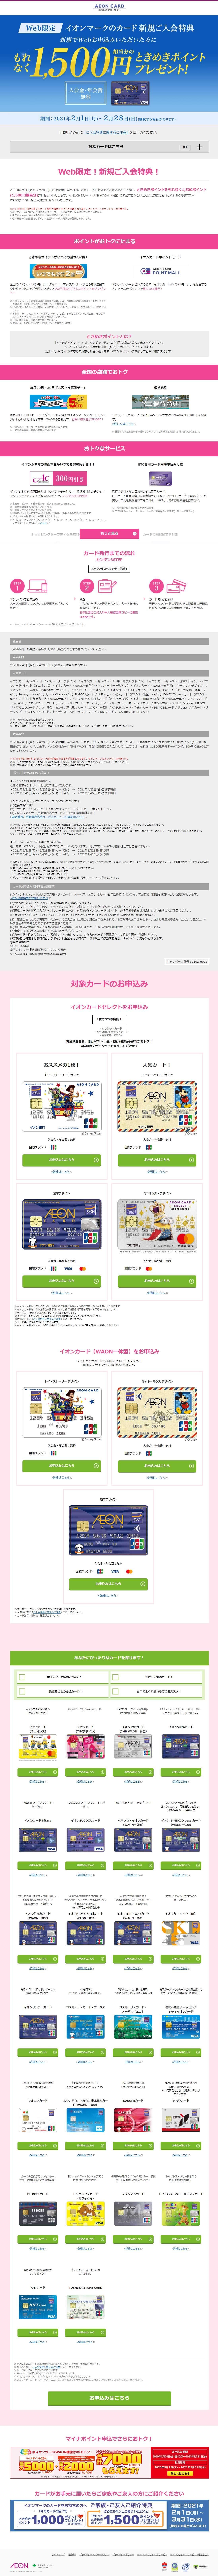 イオンカード、2021年2月1日(月)~2月28日(日)までの新規入会申込みキャンペーンページのキャプチャー画像